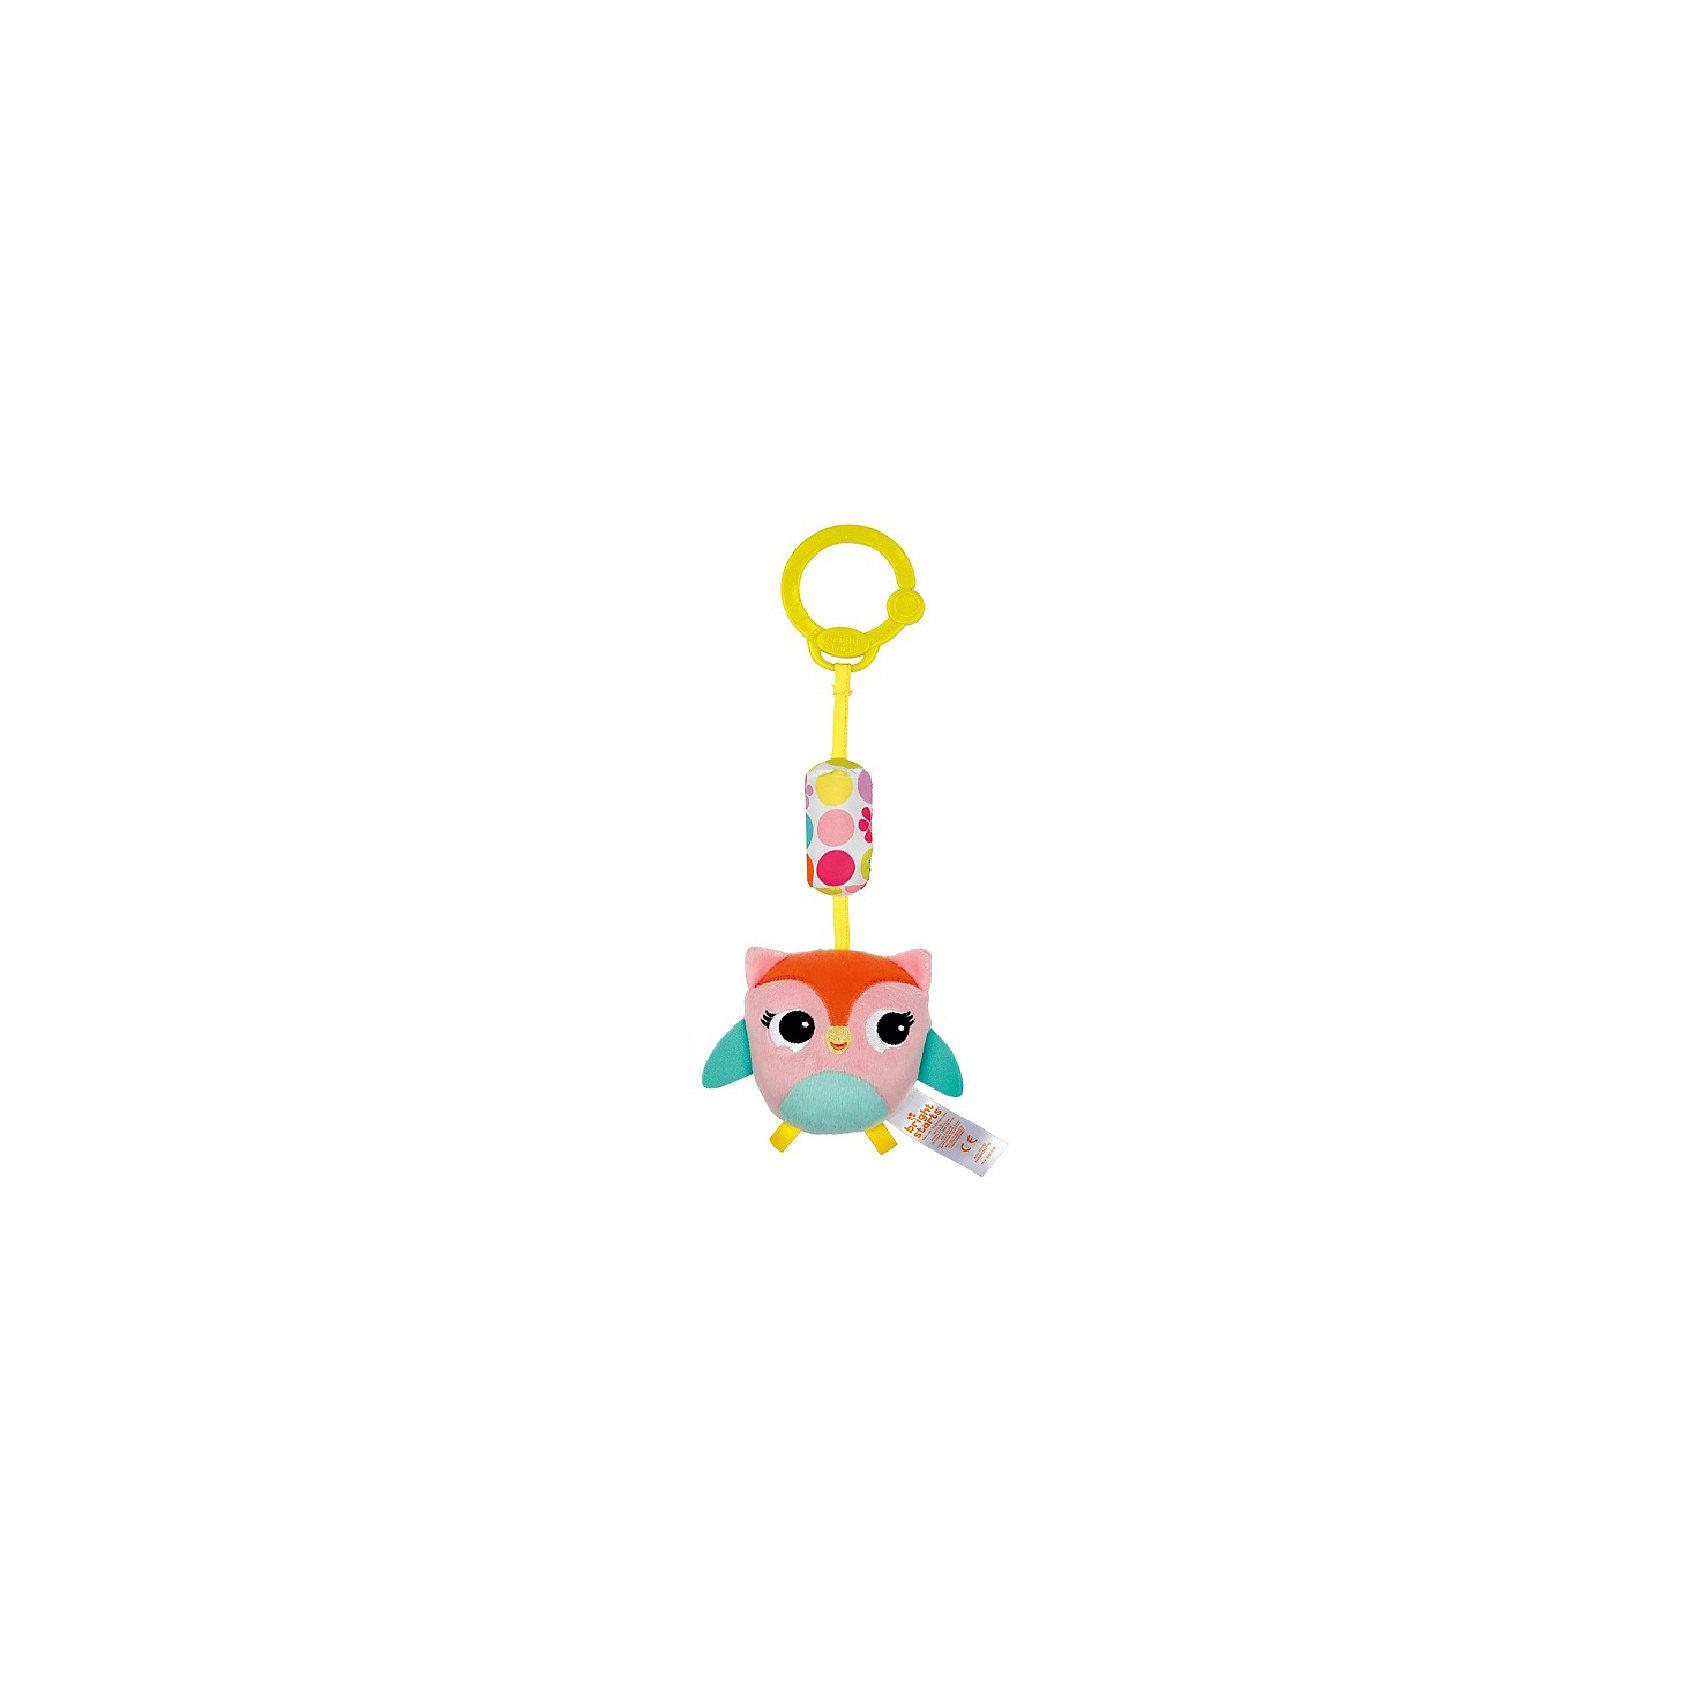 Развивающая игрушка Звонкий дружок, Сова, Bright StartsРазвивающие игрушки<br>Развивающая игрушка Звонкий дружок, Сова от знаменитого американского бренда Bright Starts (Брайт стартс). Яркая и веселая плюшевая игрушка в виде совы изготовлена из разного типа текстур и делает игру малыша еще интереснее! Подушечка над совой наполнена колокольчиками, и издает приятный звон, а если потянуть за саму сову, то она будет вибрировать. Игрушка поможет развить звуковое, цветовое и тактильное восприятие ребенка. Кроме того, у нее имеется удобное крепление, что позволяет повесить ее на коляску, переноску или интерактивный коврик.<br>- Дополнительная информация:<br>- Материал: пластик, текстиль<br>- Размер 9 * 5 * 26 см.<br><br>Развивающую игрушку «Звонкий дружок, Сова, Bright Starts можно купить в нашем интернет-магазине.<br><br>Подробнее:<br>• Для детей в возрасте: от 0 месяцев до 1 года<br>• Номер товара: 4918361<br>Страна производитель: Китай<br><br>Ширина мм: 150<br>Глубина мм: 260<br>Высота мм: 90<br>Вес г: 87<br>Возраст от месяцев: 0<br>Возраст до месяцев: 12<br>Пол: Унисекс<br>Возраст: Детский<br>SKU: 4918361